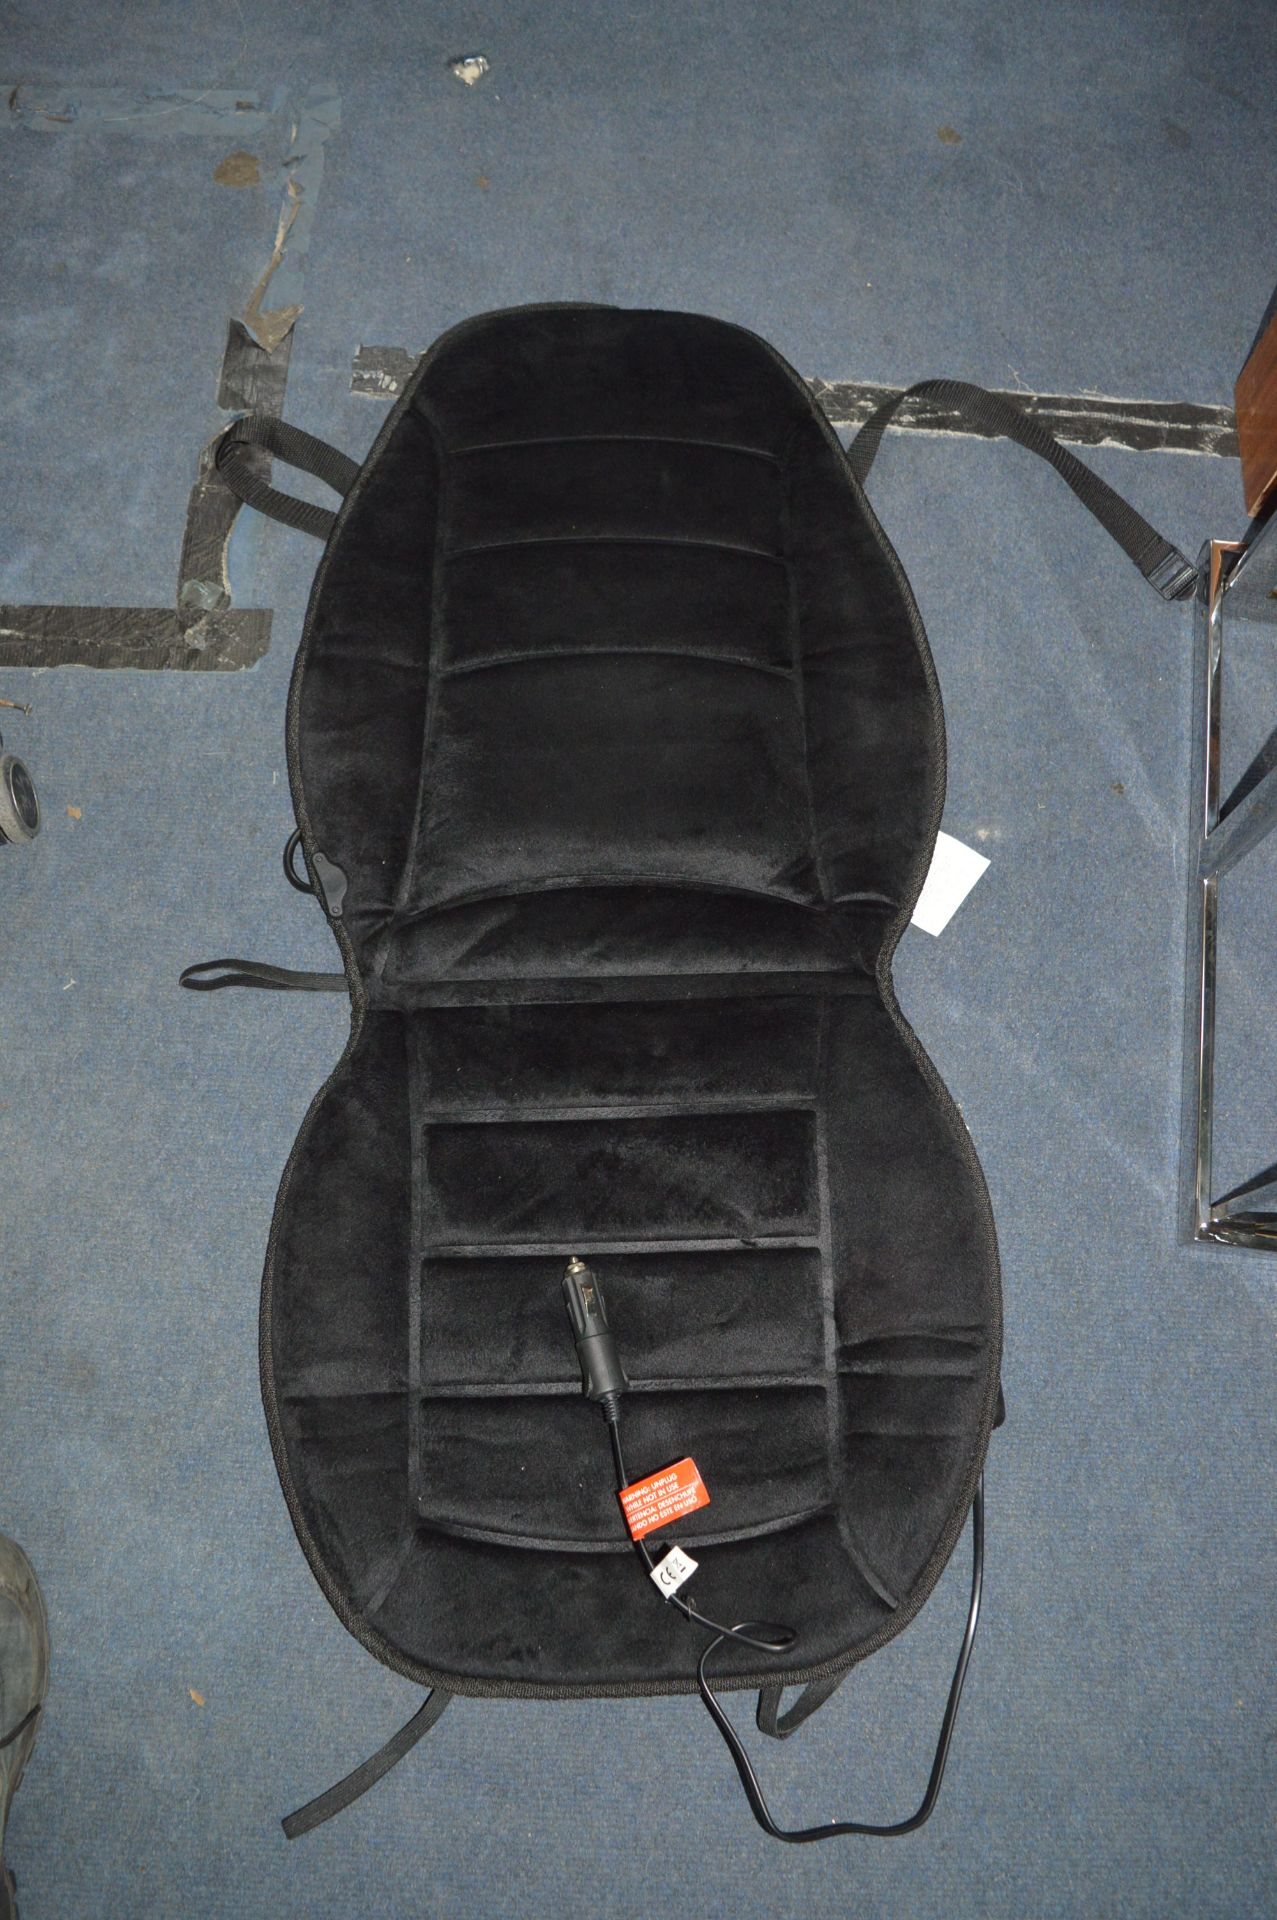 Lot 490 - *Healthmate Seat Cushion